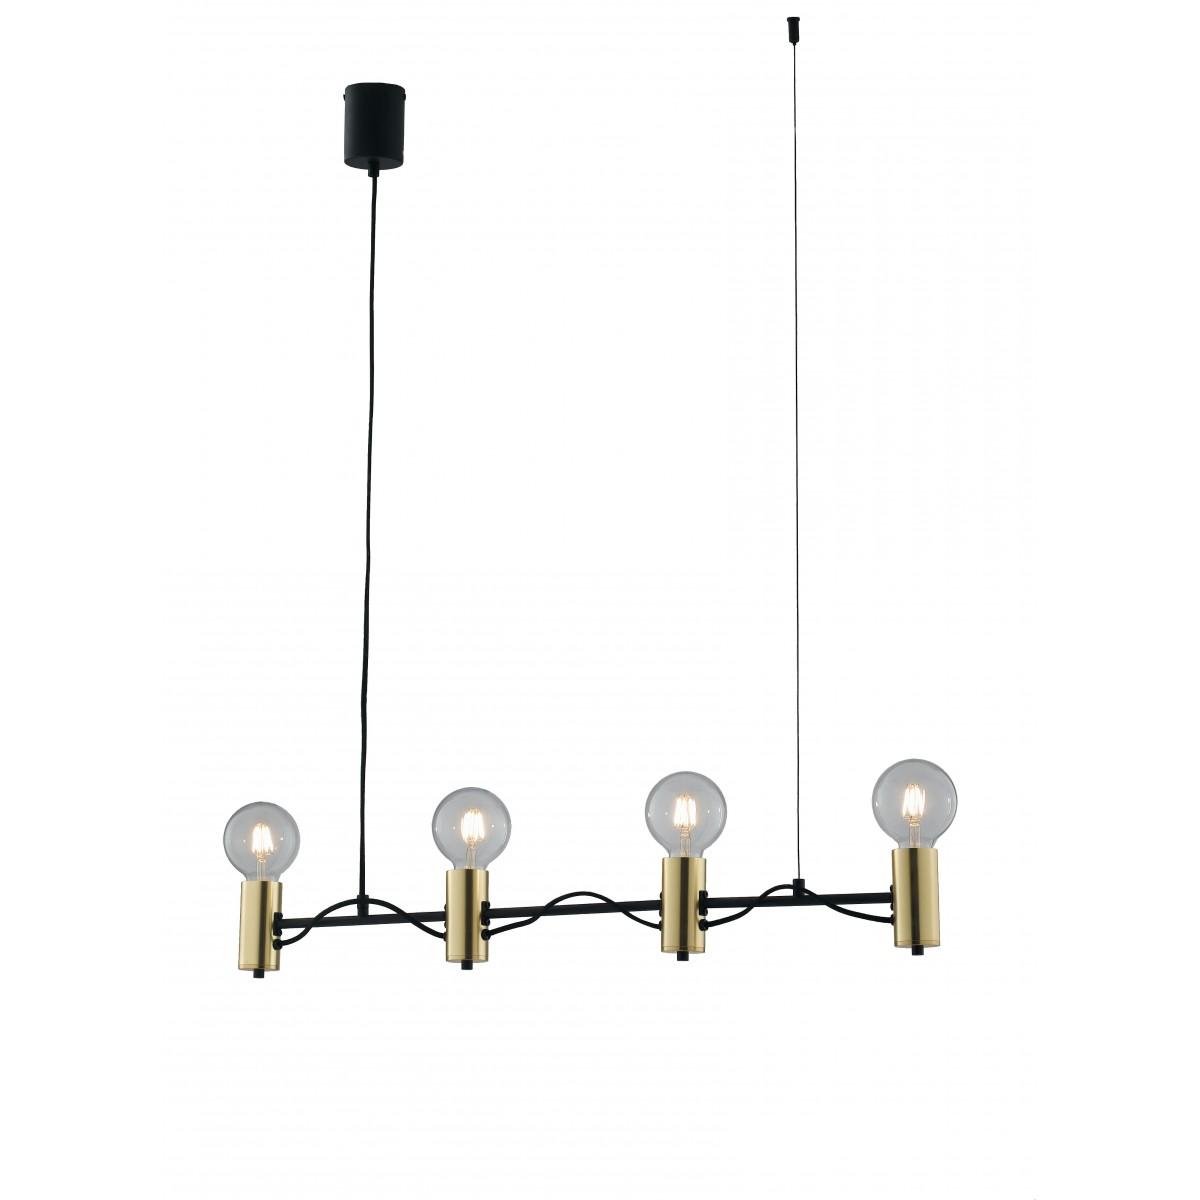 Creare Un Lampadario Di Stoffa lampadario a soffitto axon vintage sospensione con 4 porta lampade oro e  cavo in tessuto nero